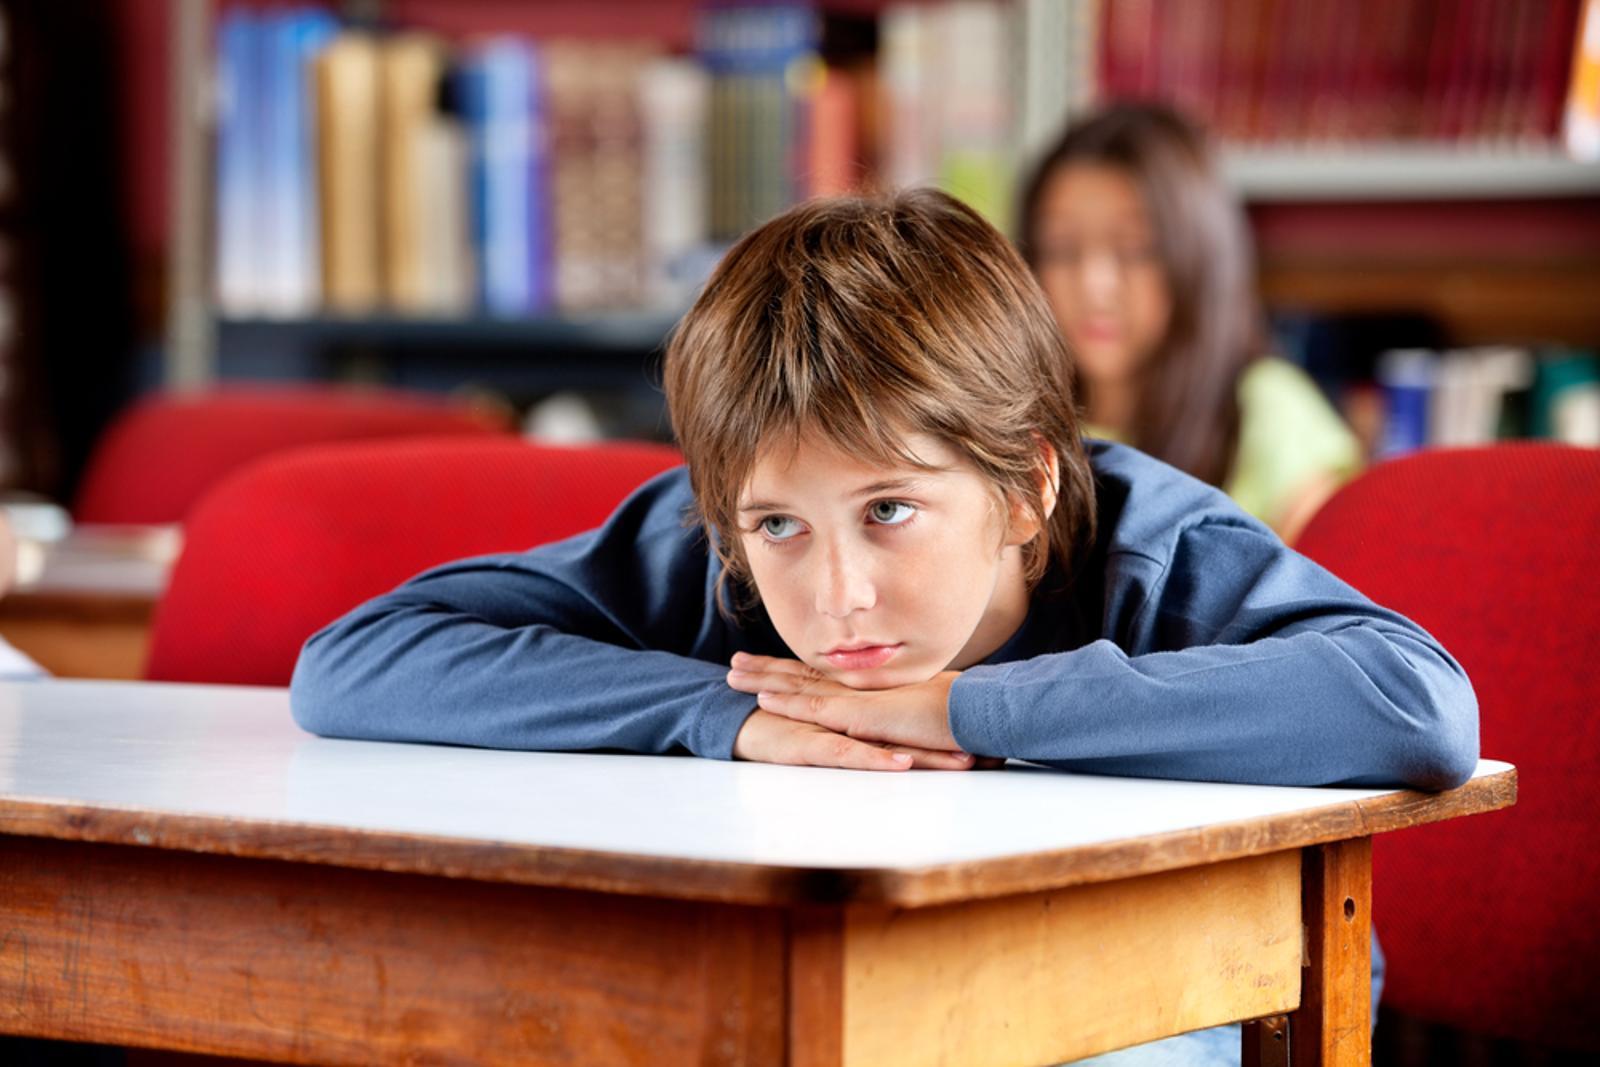 Экзамен на три буквы: как подготовиться к ЕГЭ без стресса и ужаса